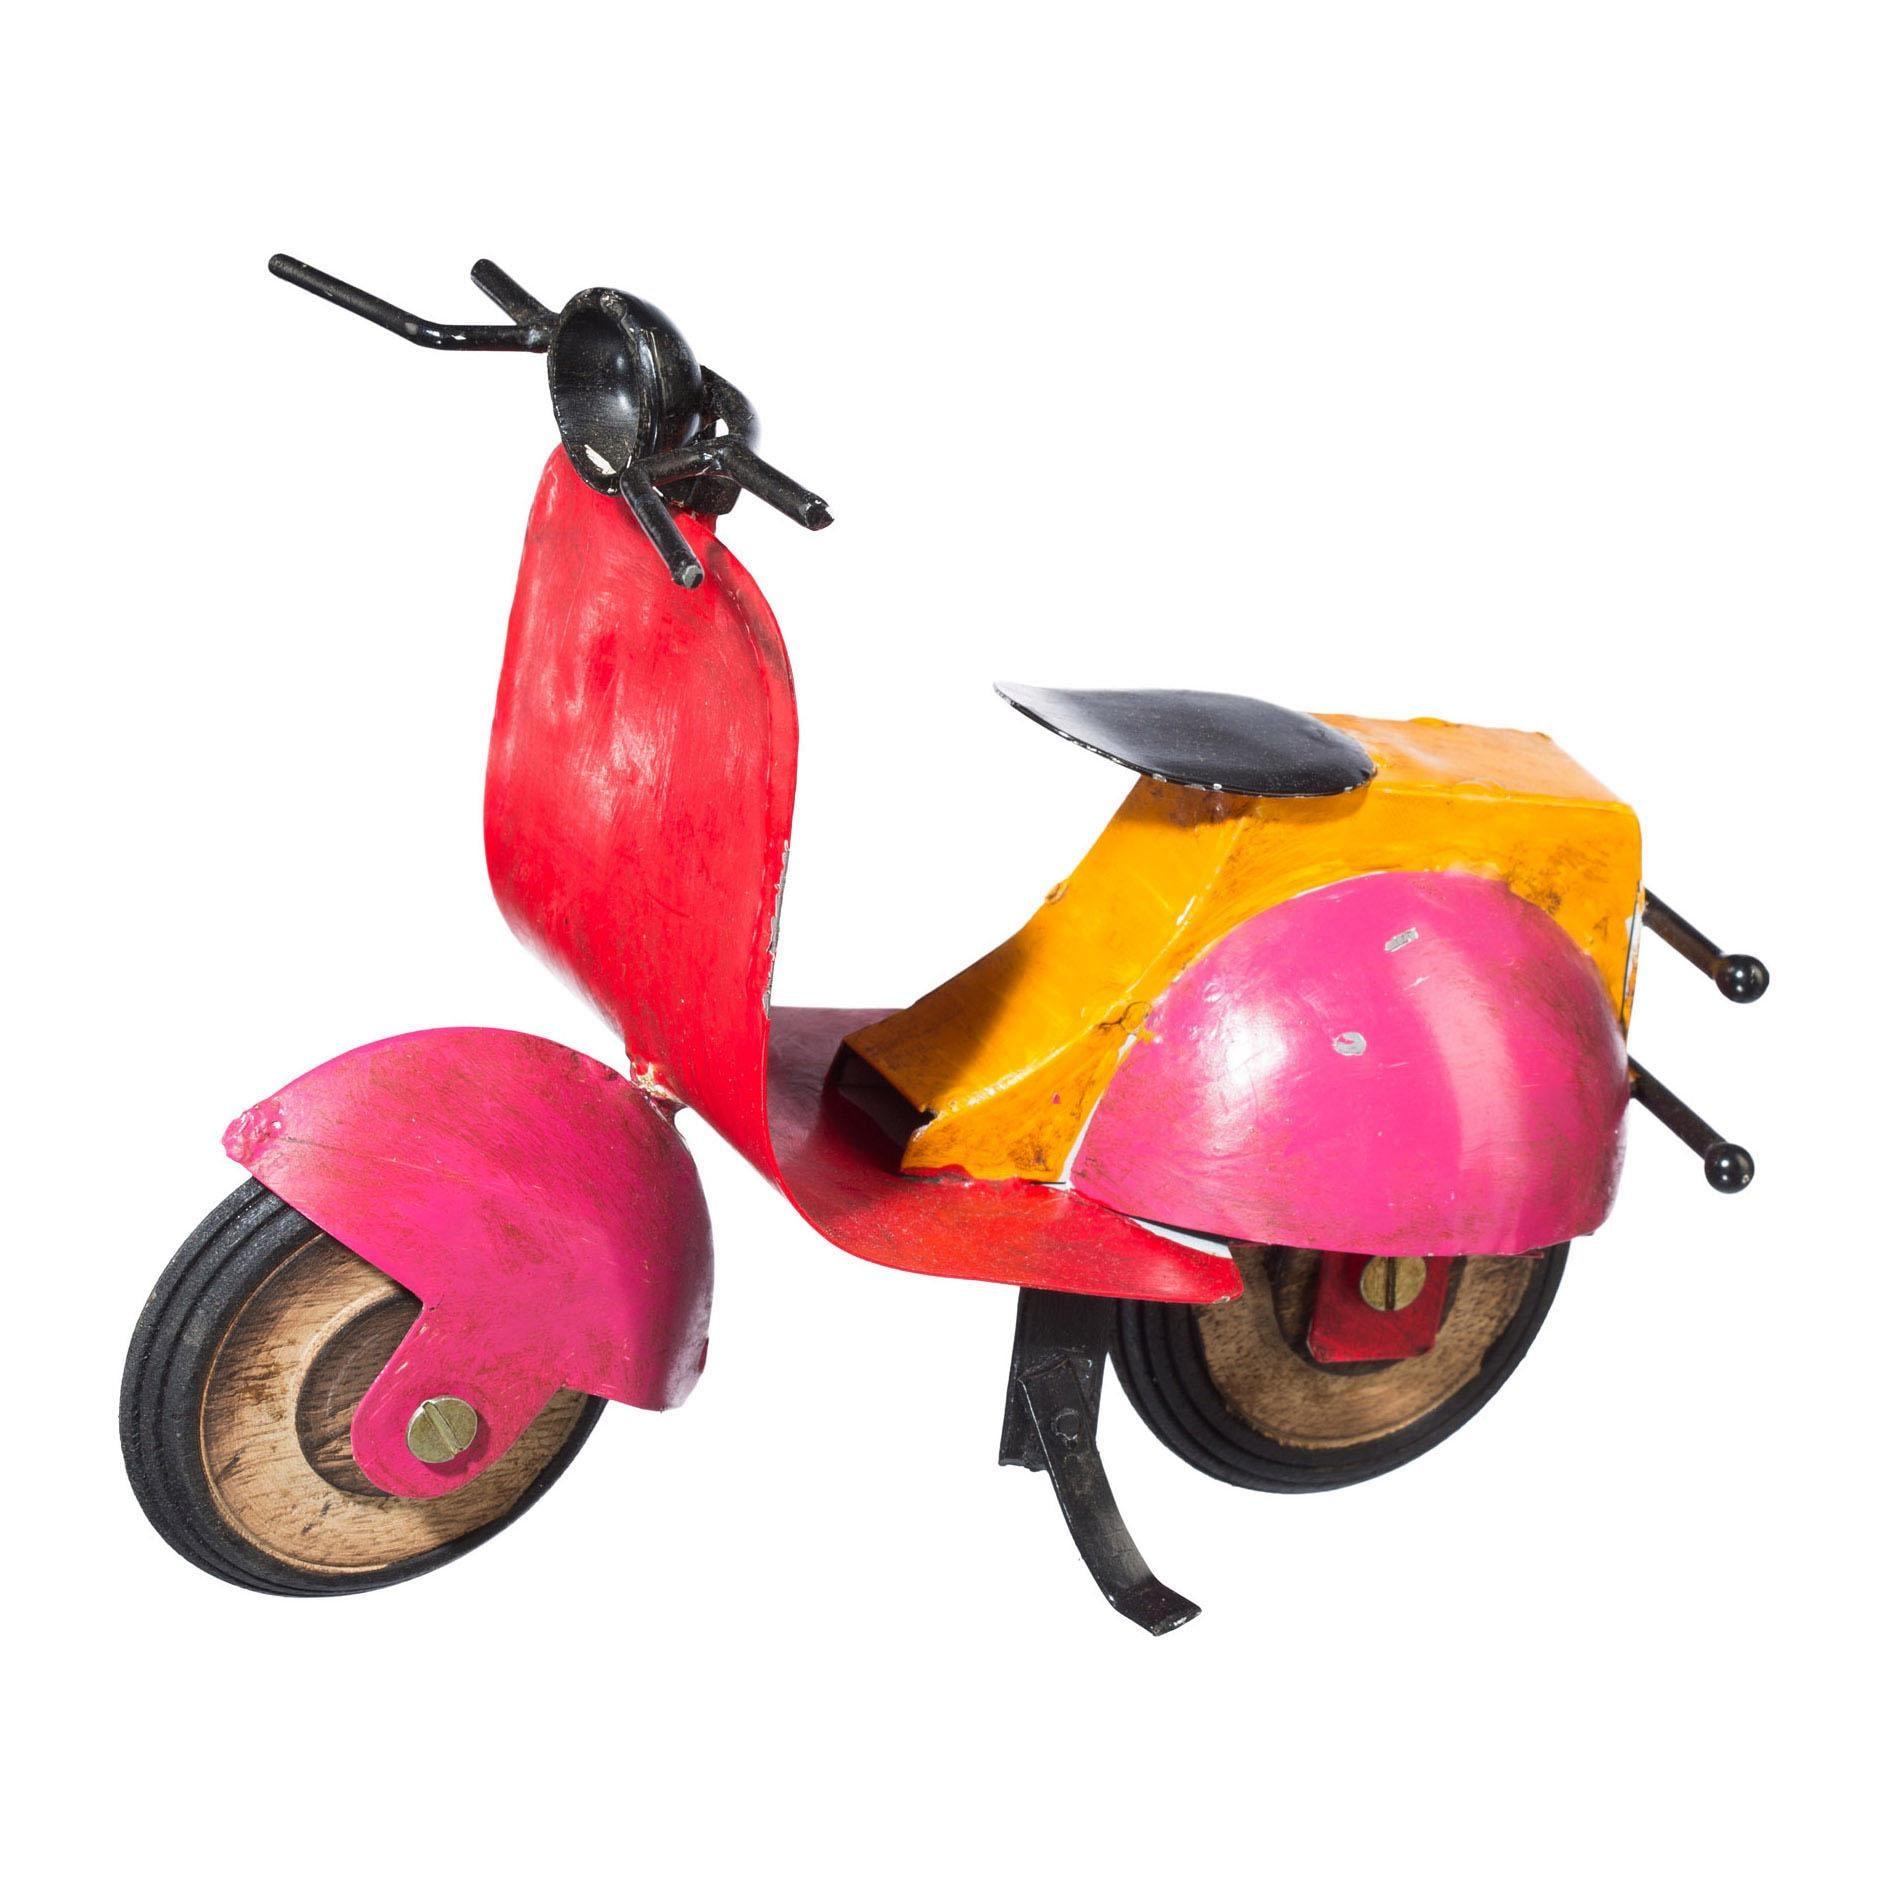 Metall Deko Motorrad »SCOOTER« (2er Set)